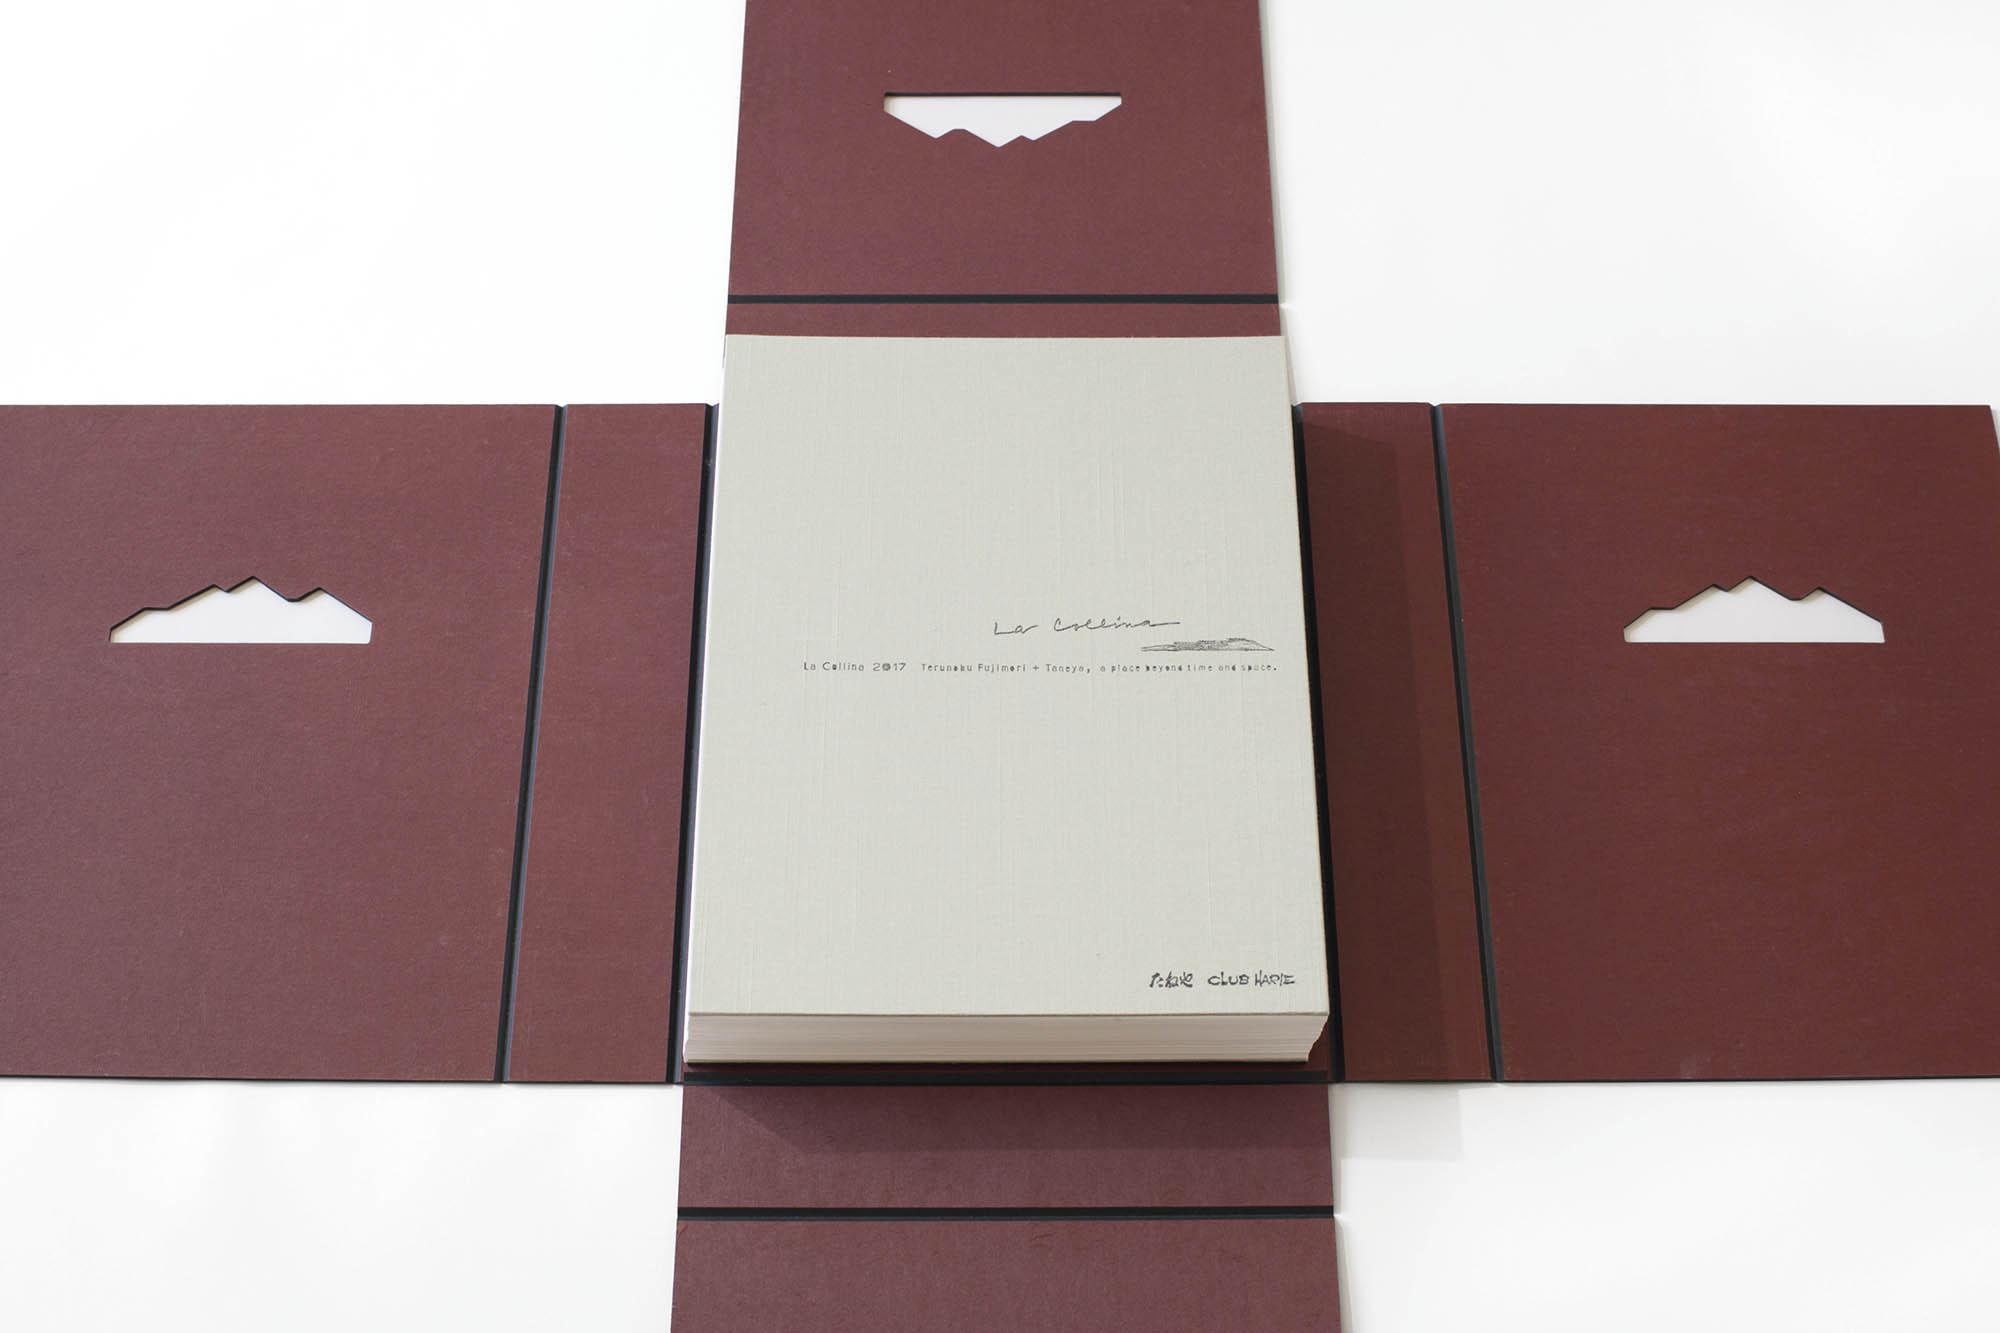 藤森照信作品集 La Collina2017 本体表紙